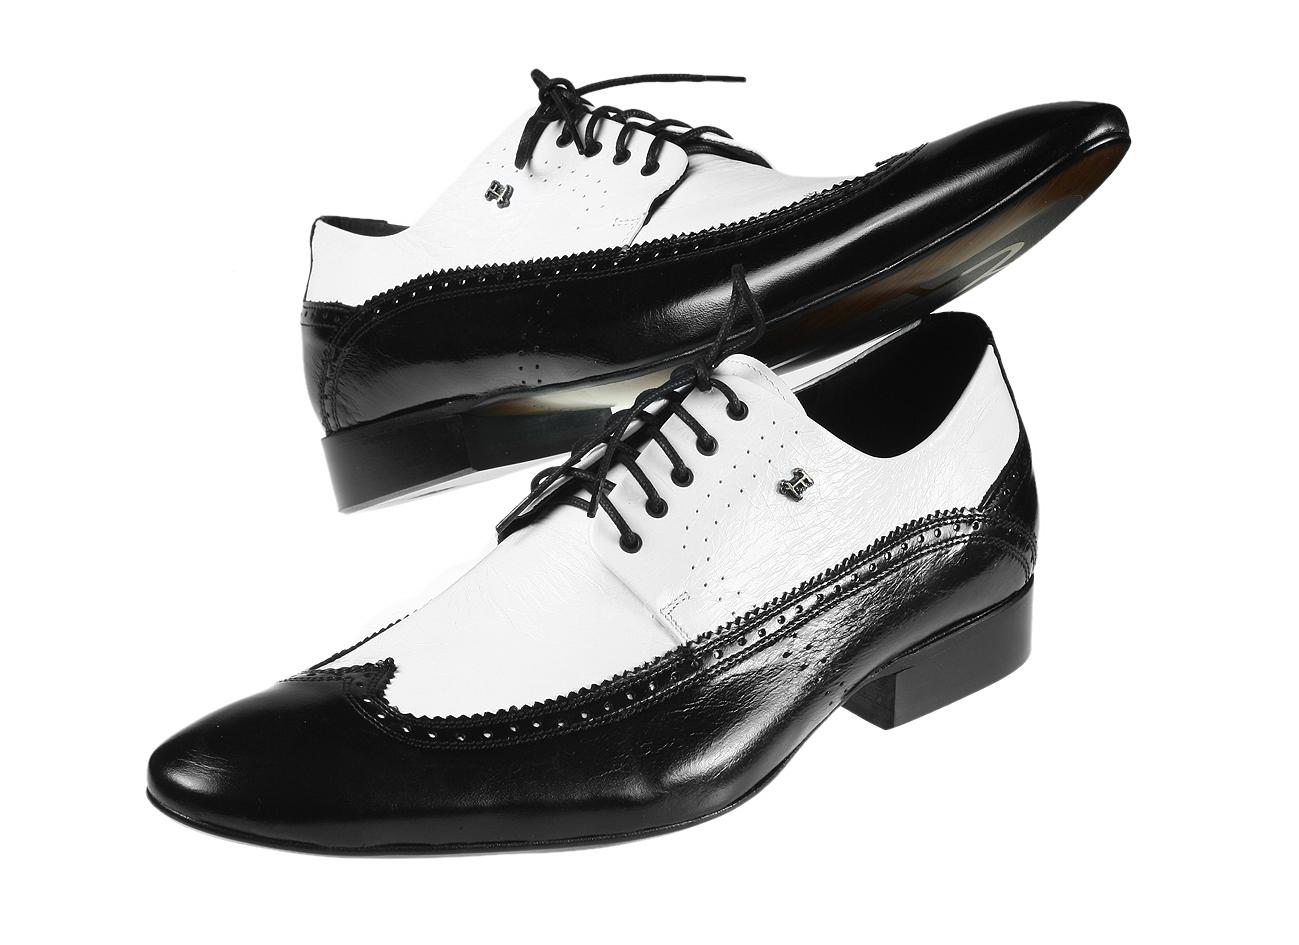 bd30fd6ce6 TOPOBUV - Pánska spoločenská obuv 255 13 Nero bianco